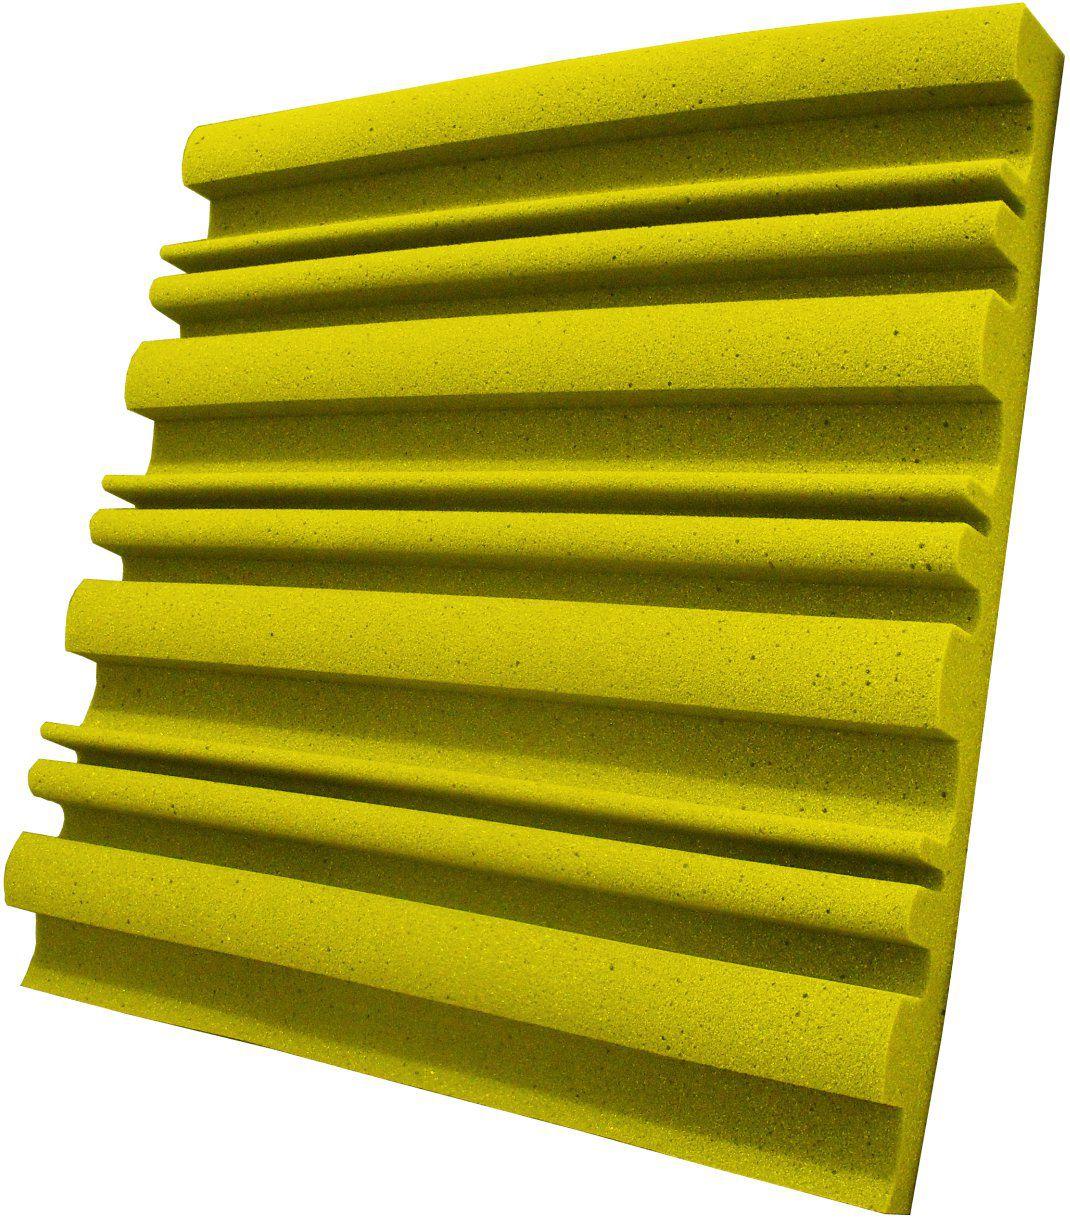 Espuma acústica Linha REV - SII - Amarelo - Kit 8 peças (2m²)  - Loja  SPL Acústica